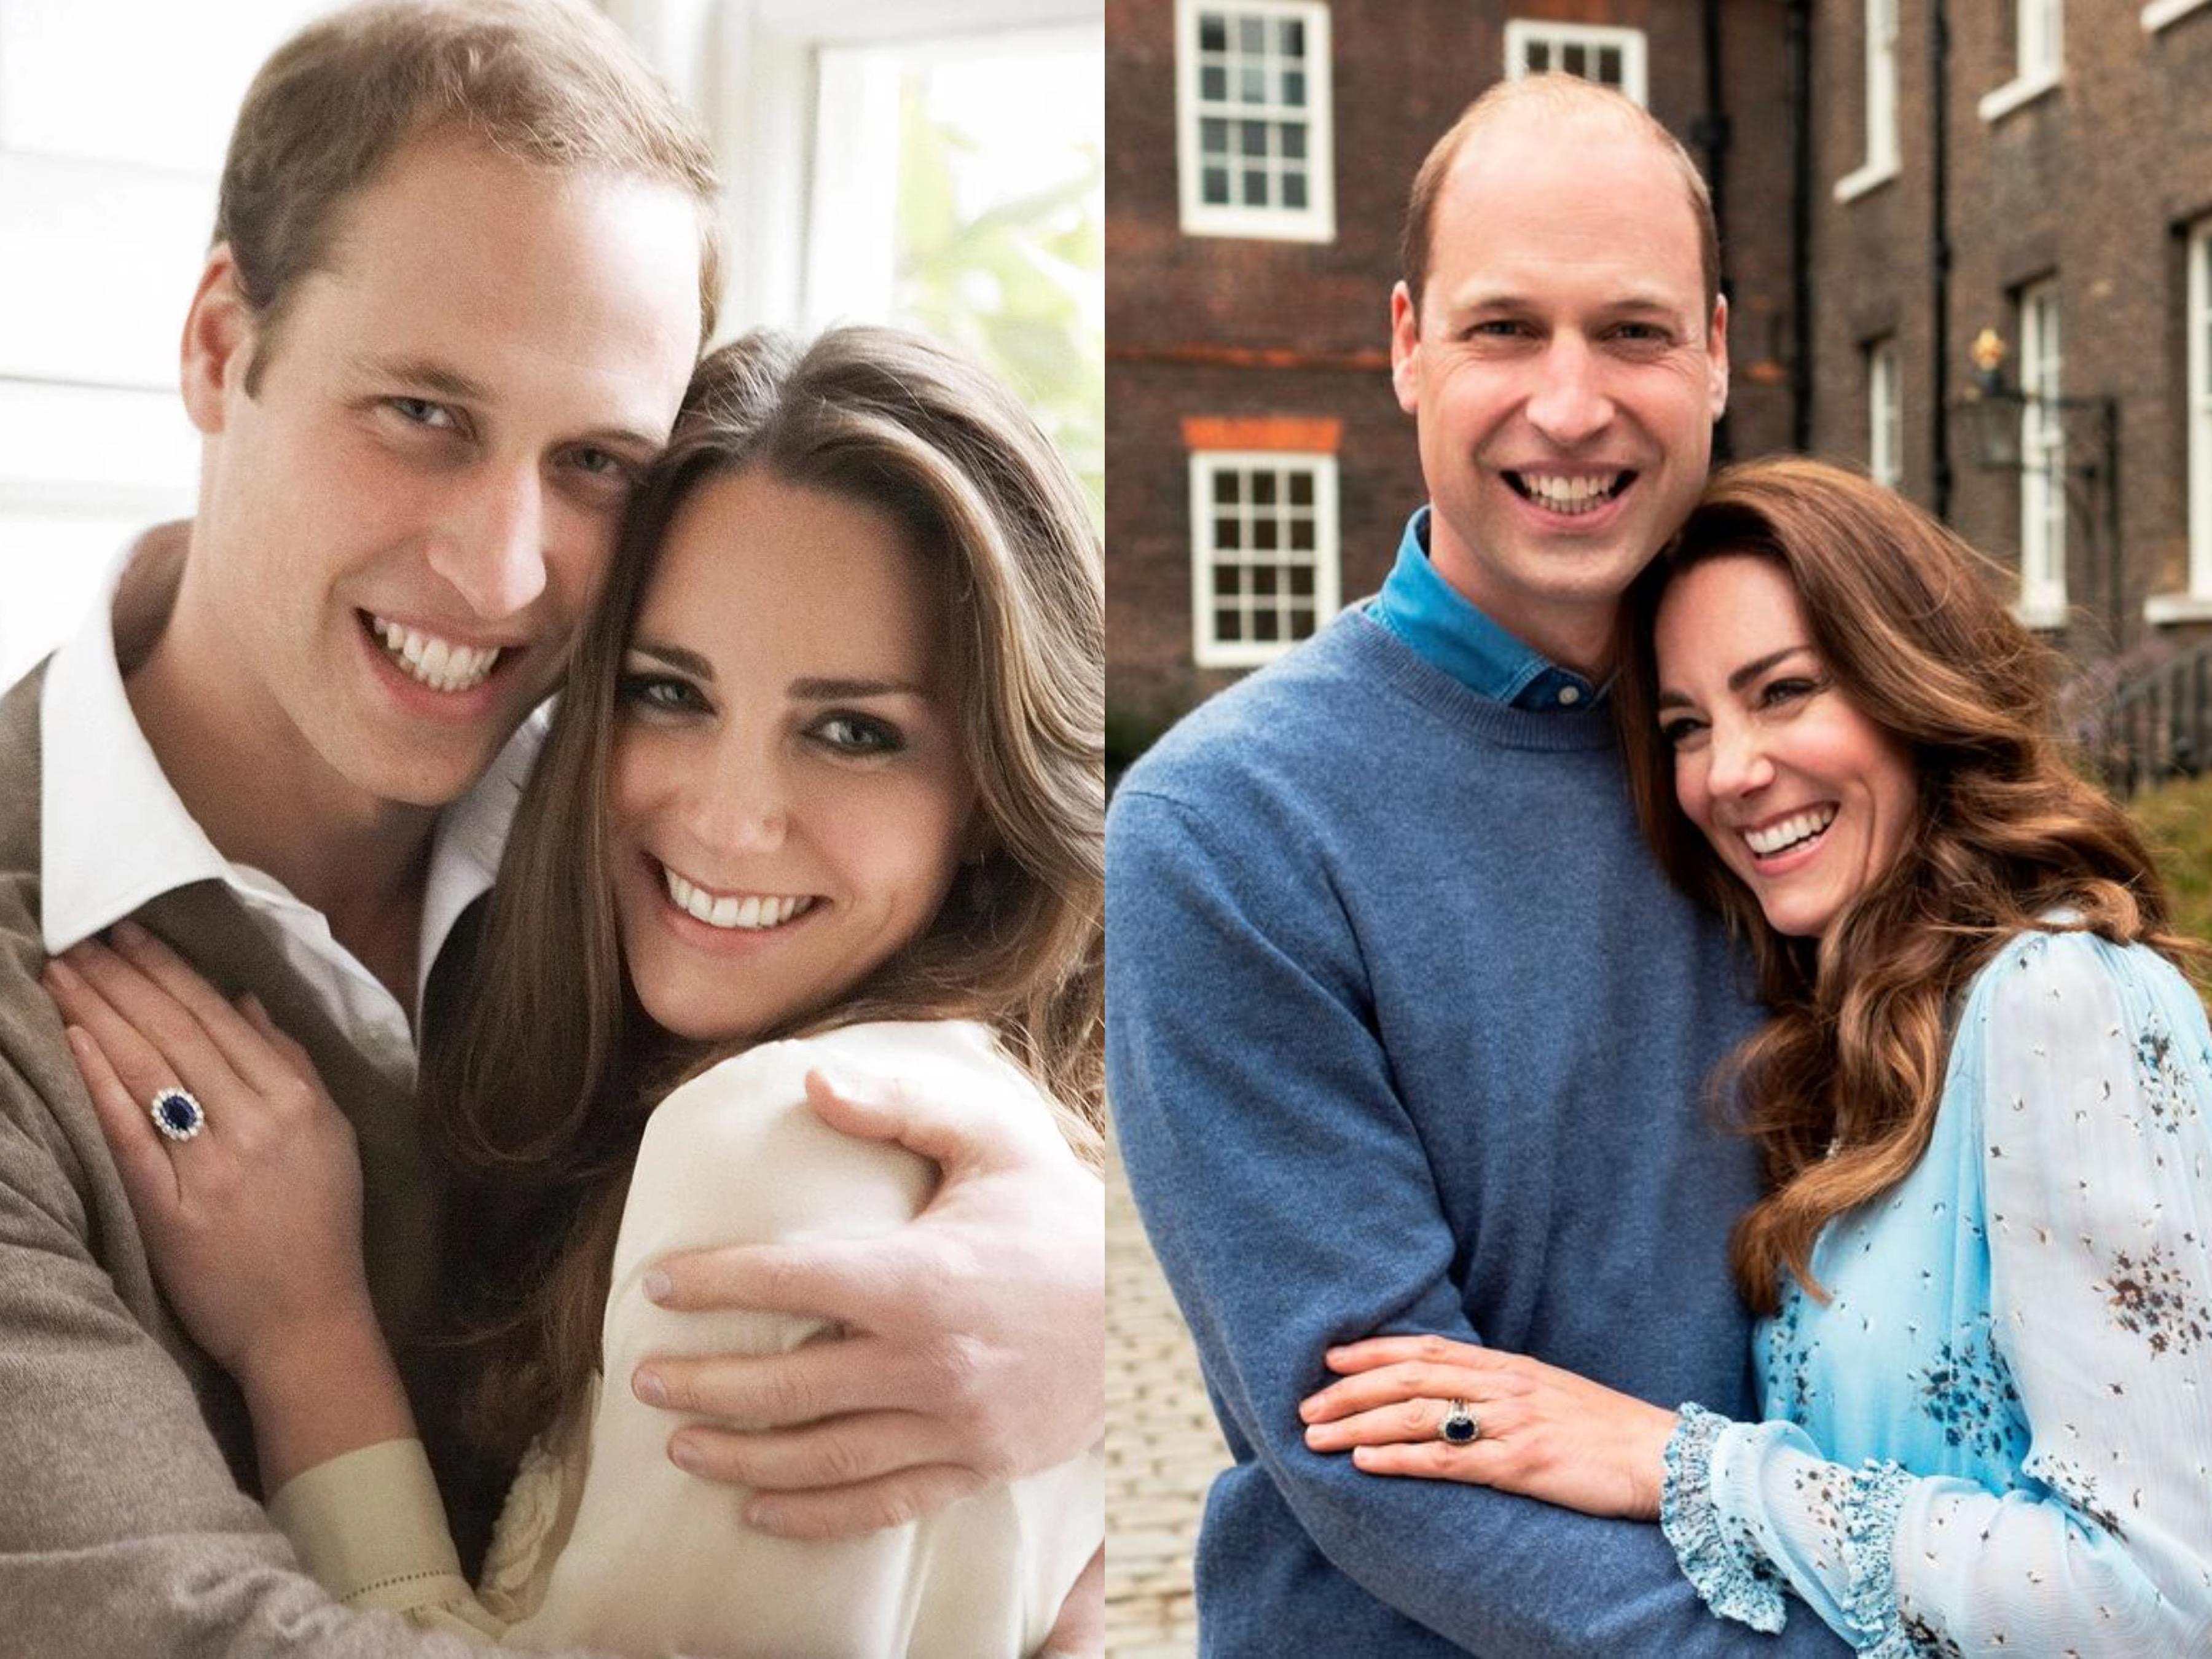 威廉凱特重拍10年前訂婚照,威廉變禿了,凱特更成熟,依舊恩愛